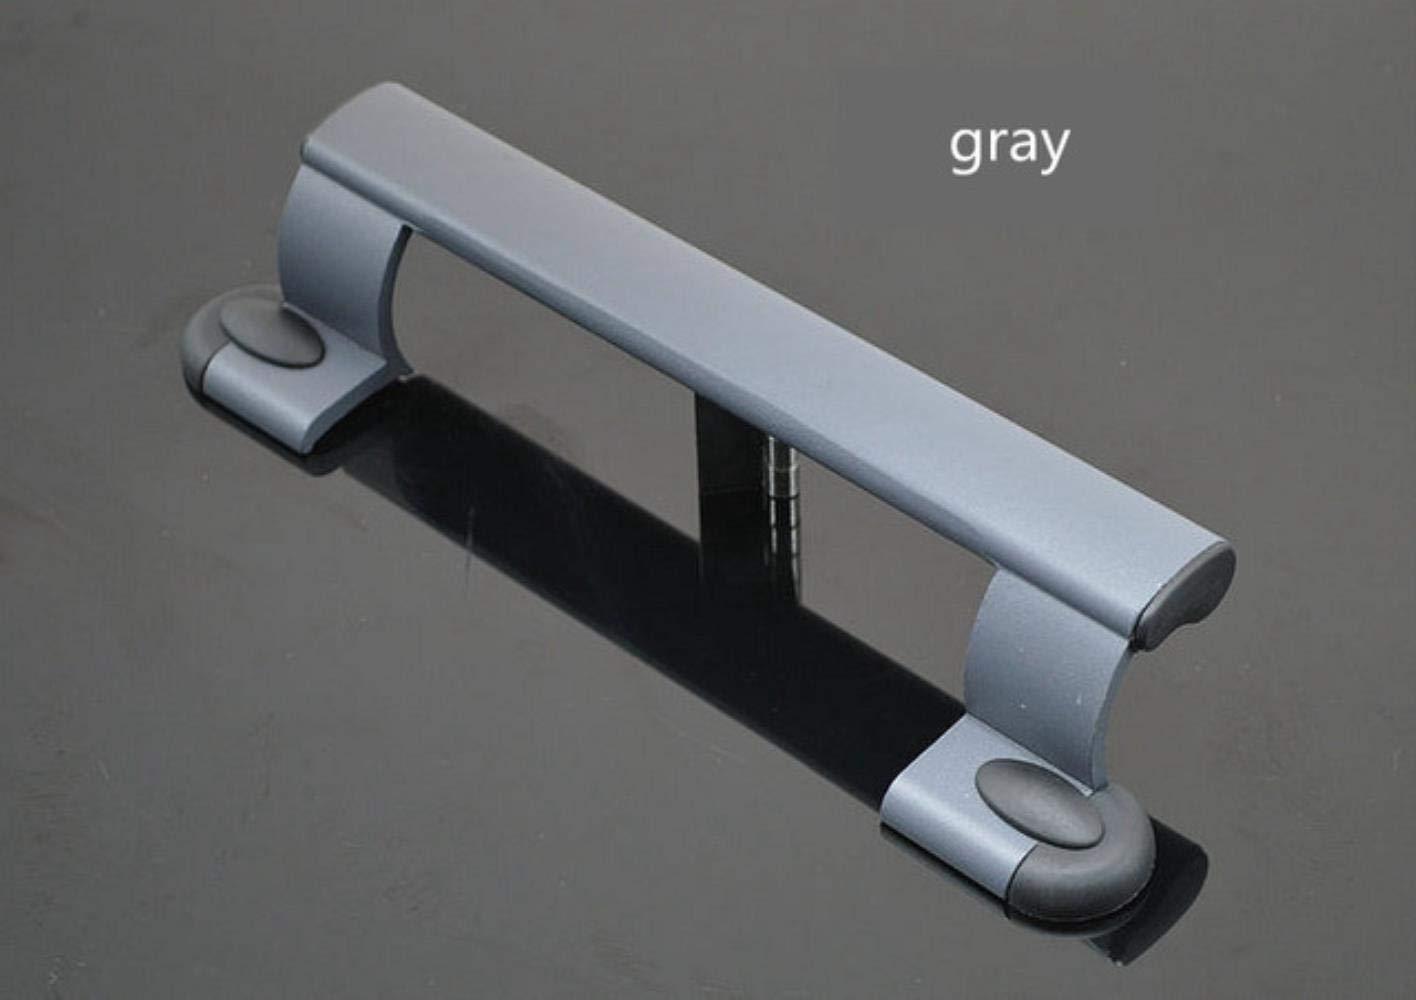 Ensalada manos puerta corredera de aleaci/ón de aluminio puerta de pl/ástico con la manija de sacudida tirador negro